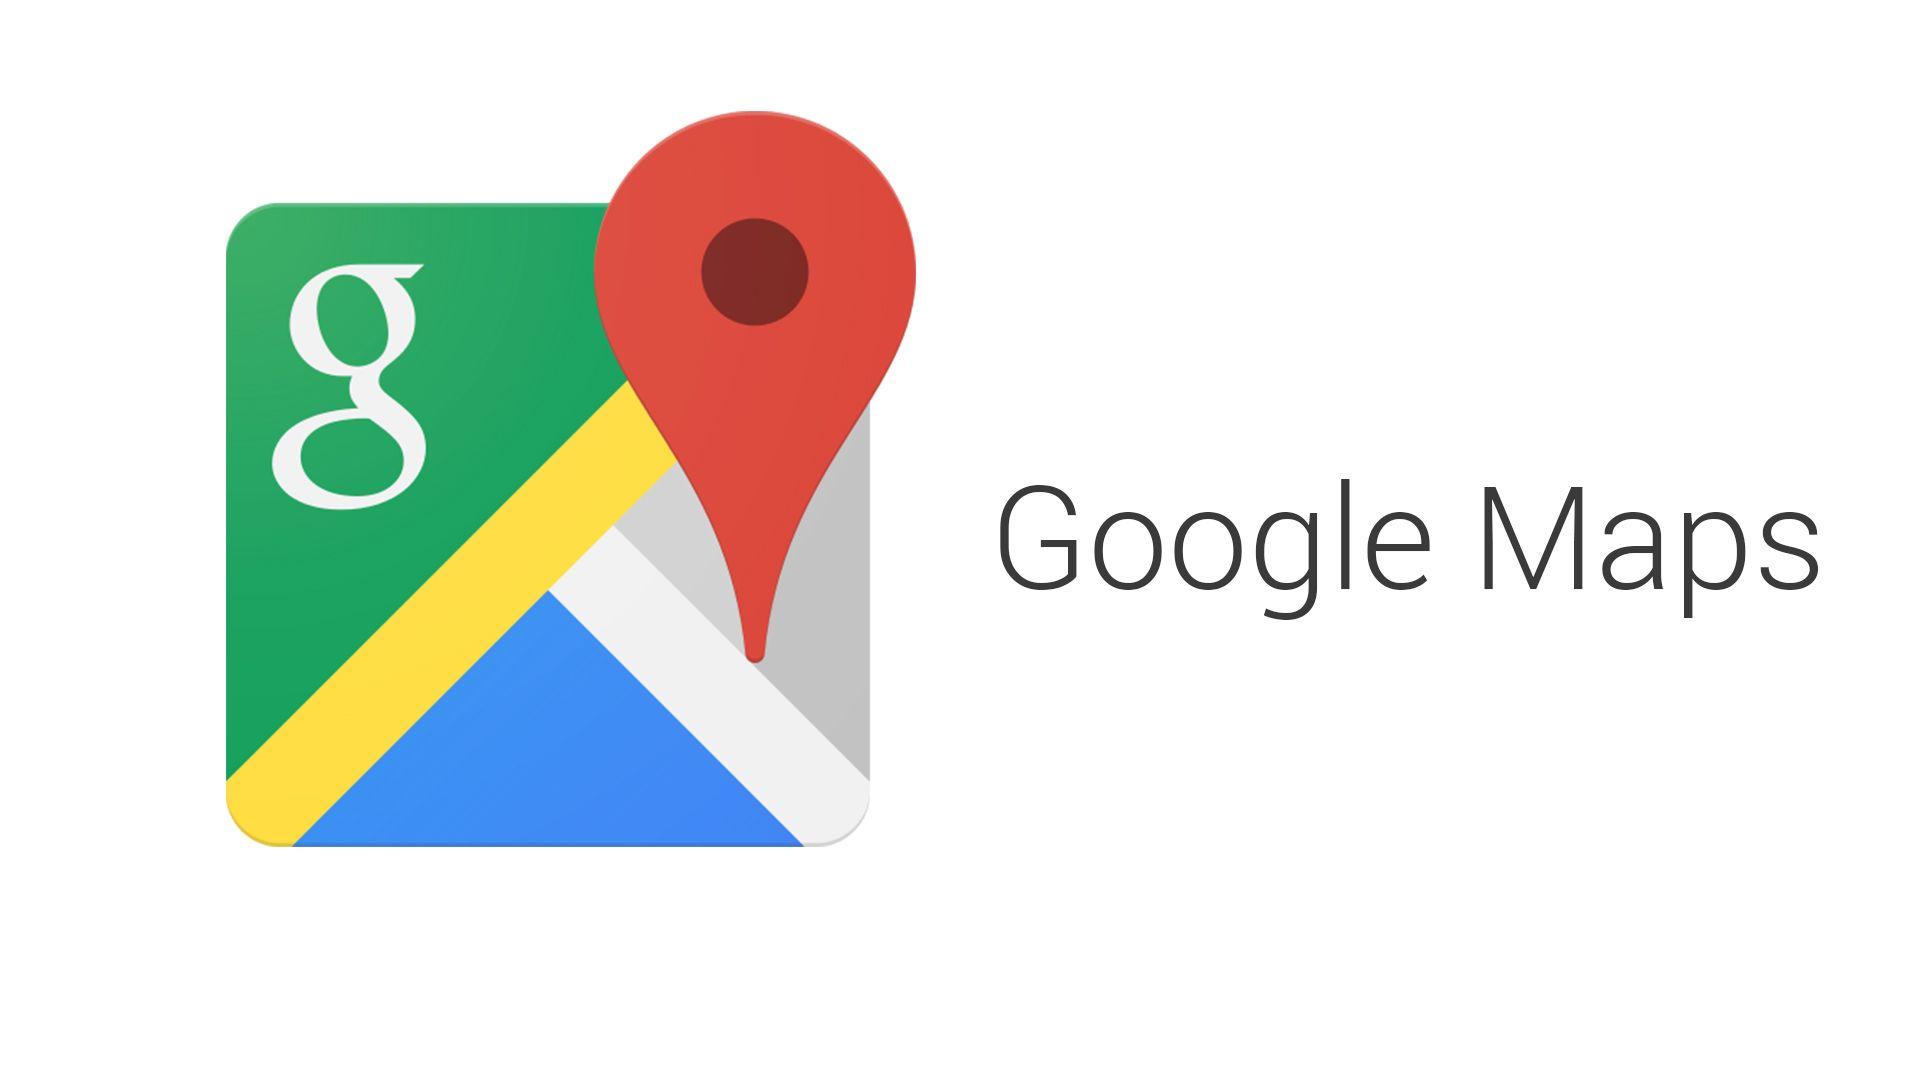 Google Maps: in arrivo una nuova interfaccia utente